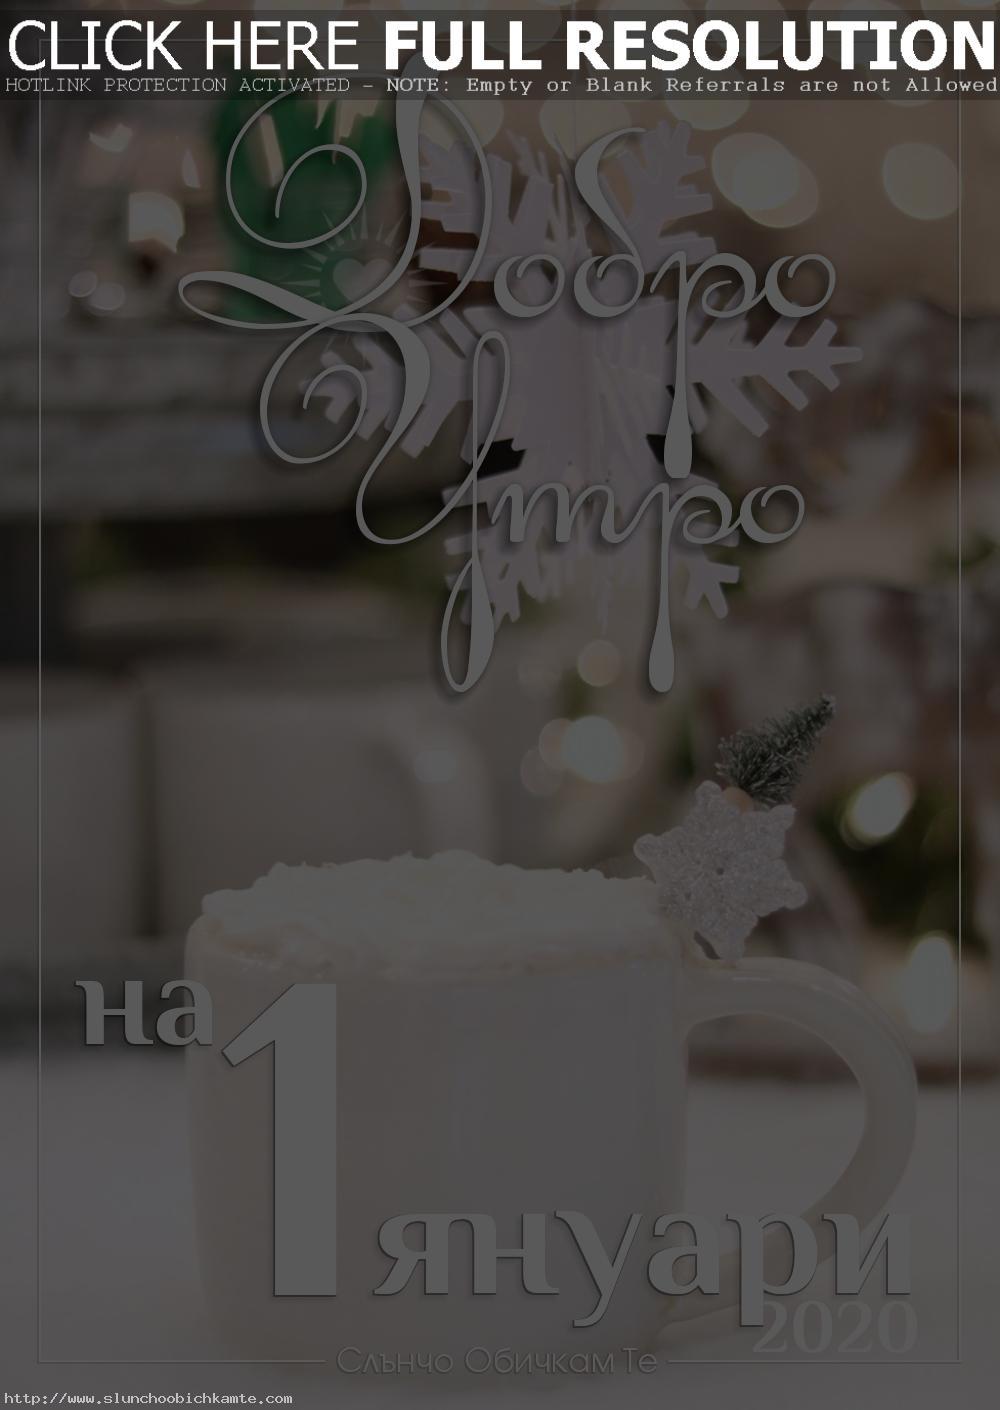 Добро утро на 1 януари 2020 и Честита нова година! - Пожелания за честита нова година, картички за нова година, пожелания за 1 януари, За много години!